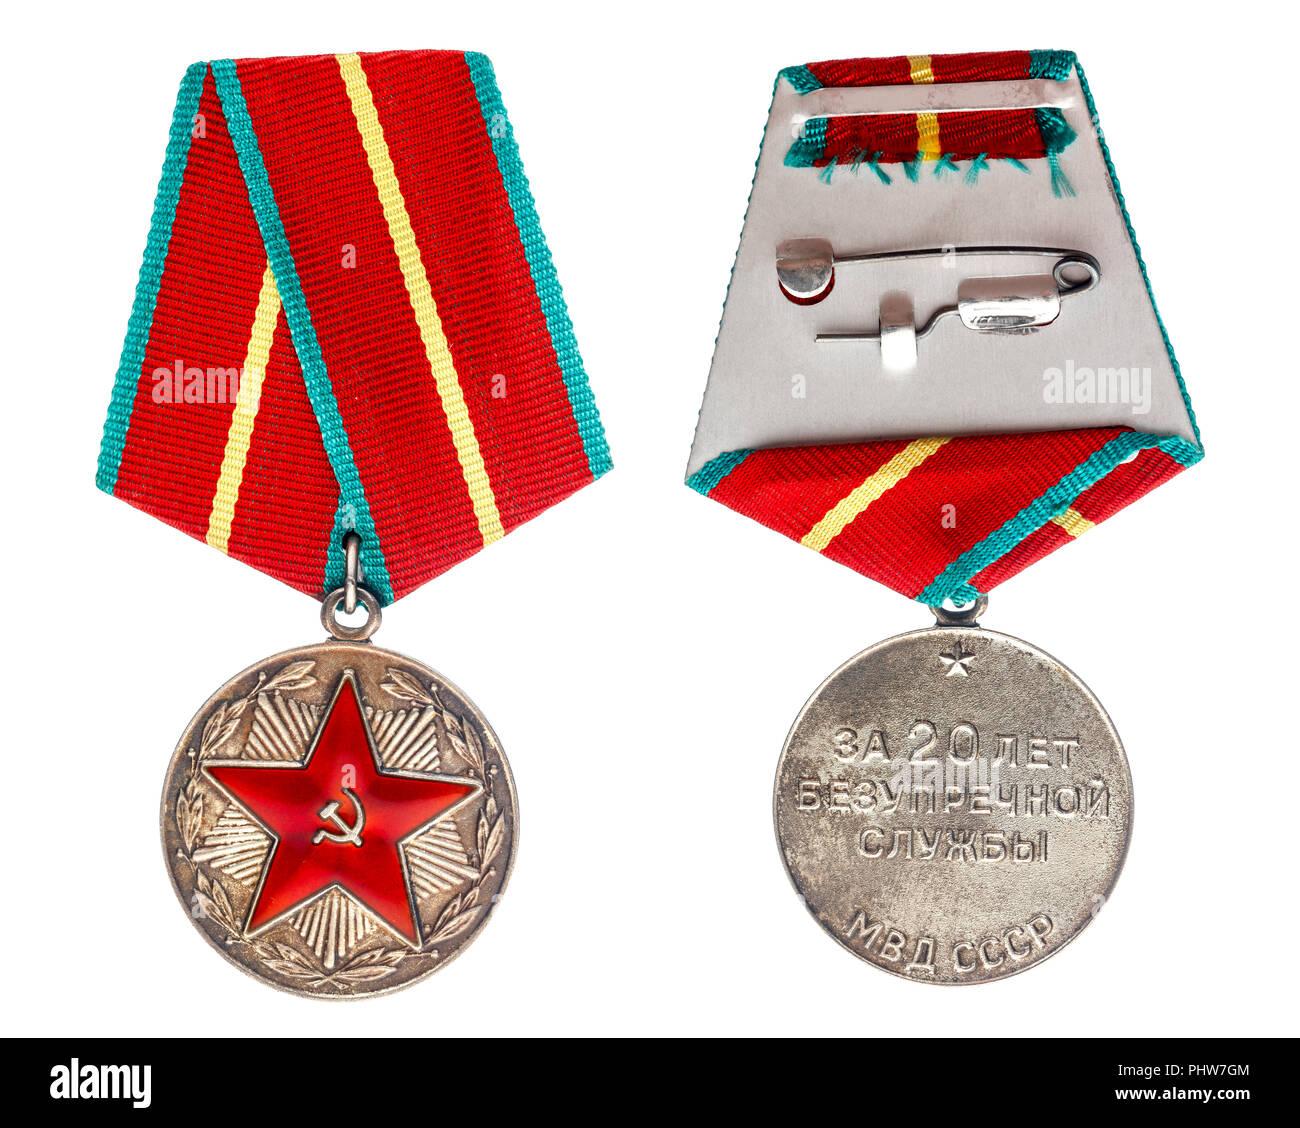 """Medaglia sovietica """" per venti anni di servizio impeccabile'. Isolare su sfondo bianco Immagini Stock"""